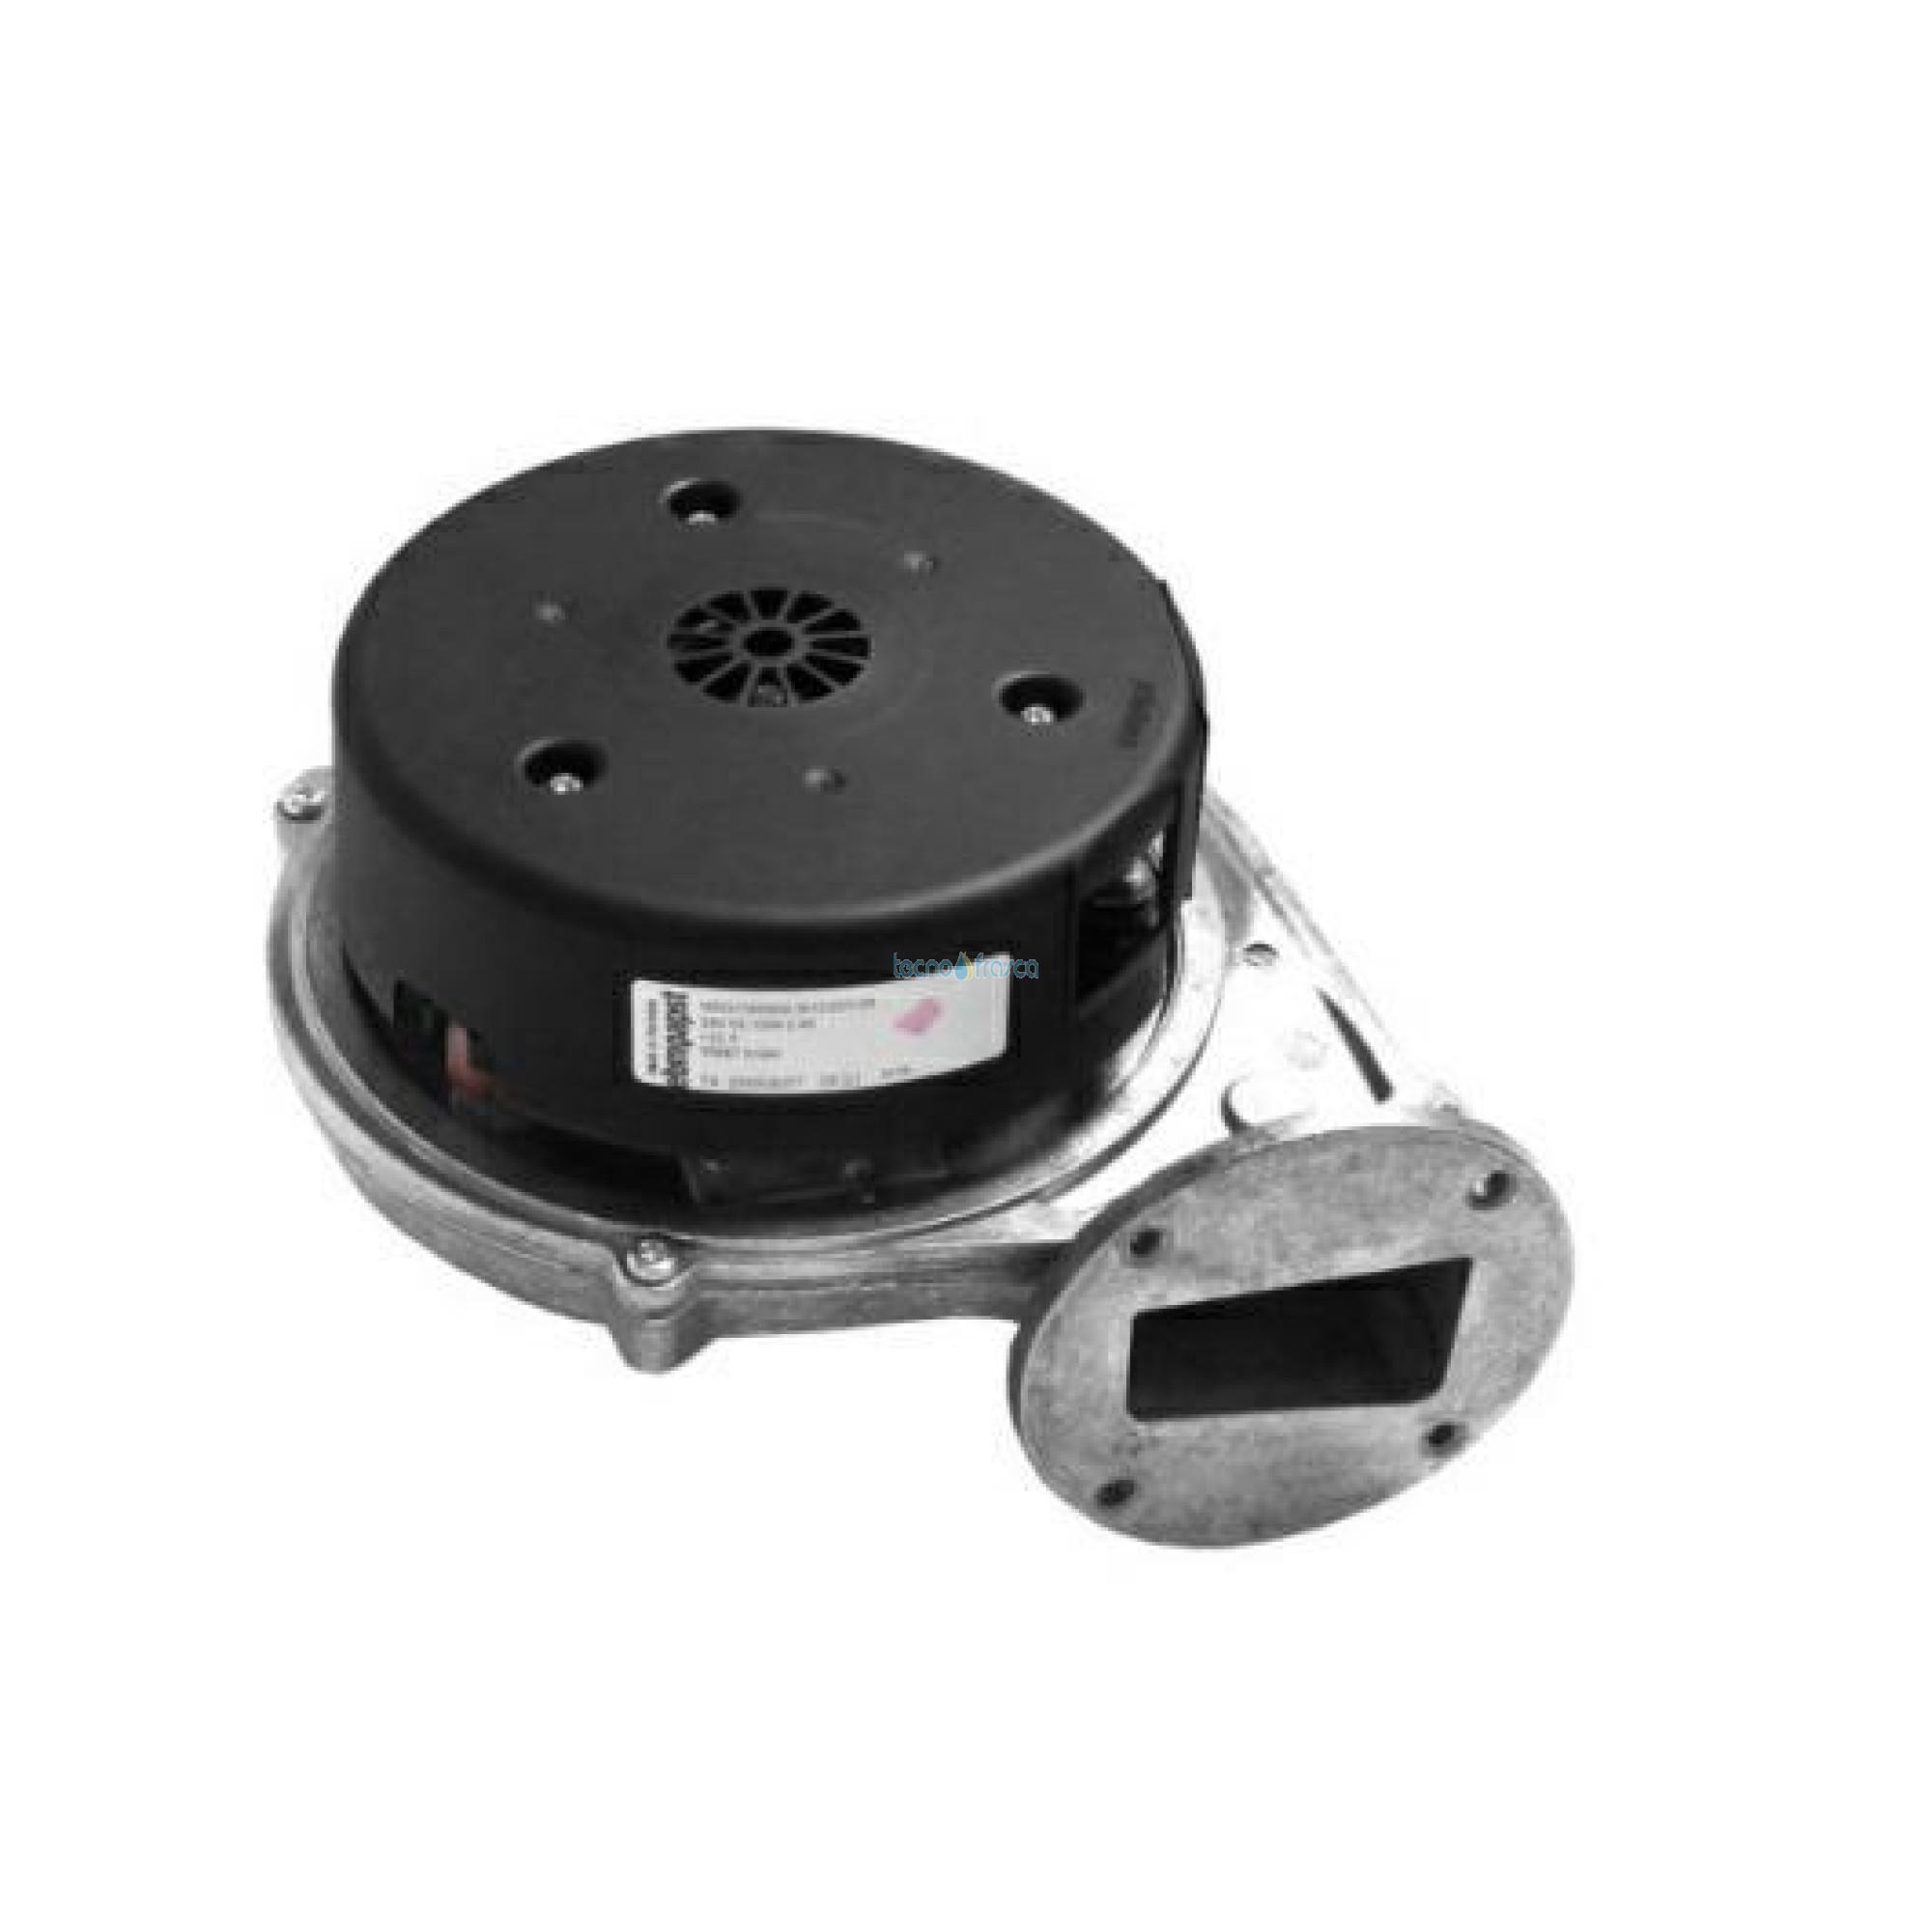 Immergas kit di ricambio estrattore victrix 24 tt 3.025195